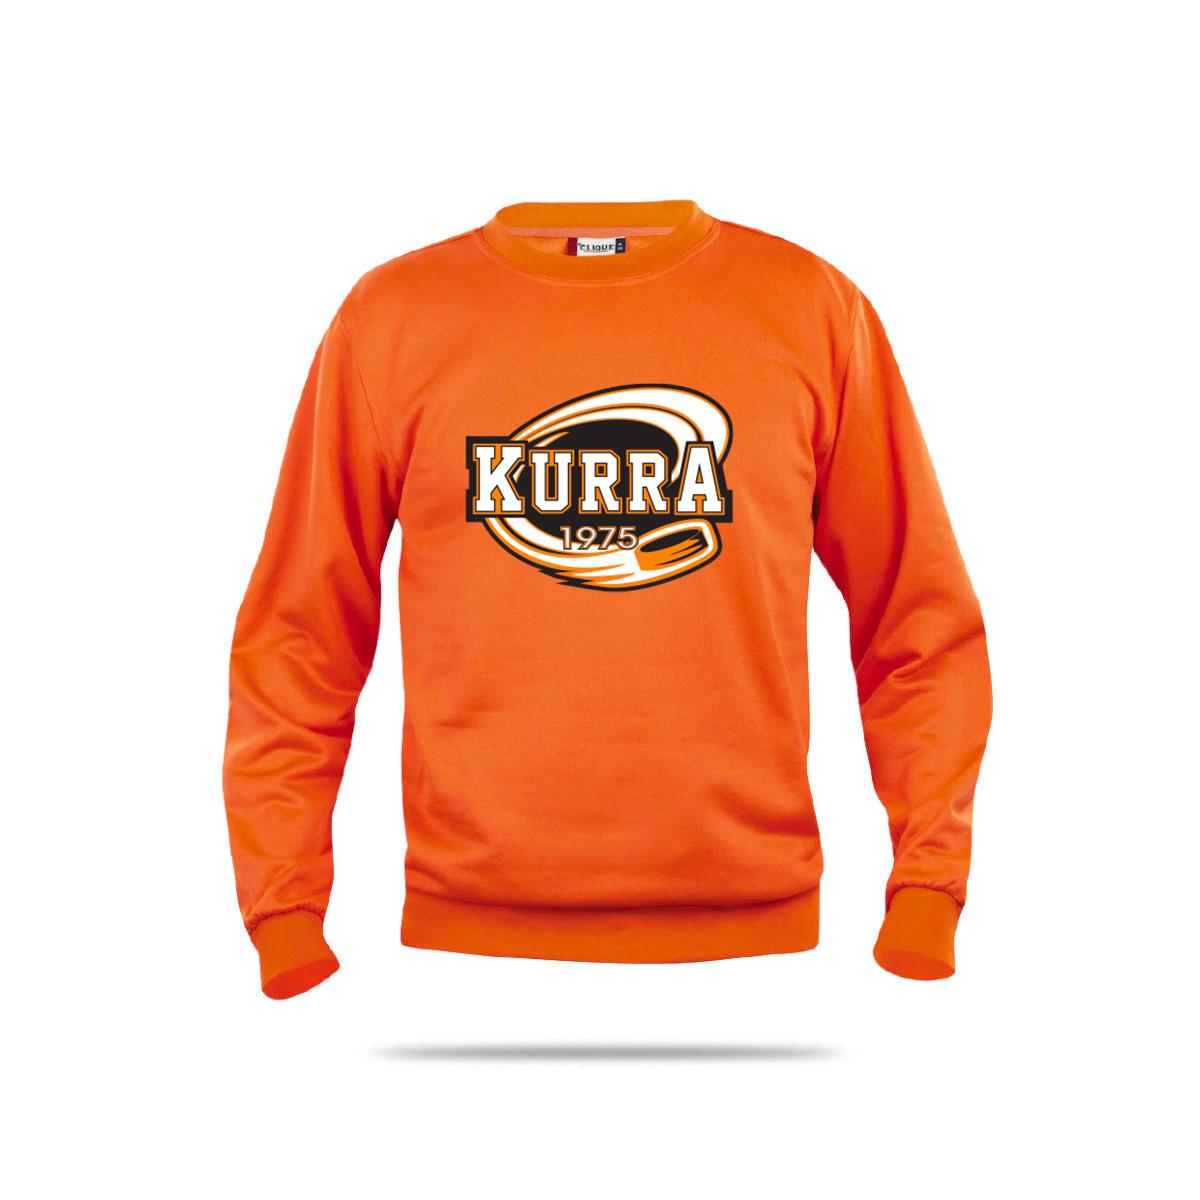 Kurra-Original-3023-Oranssi